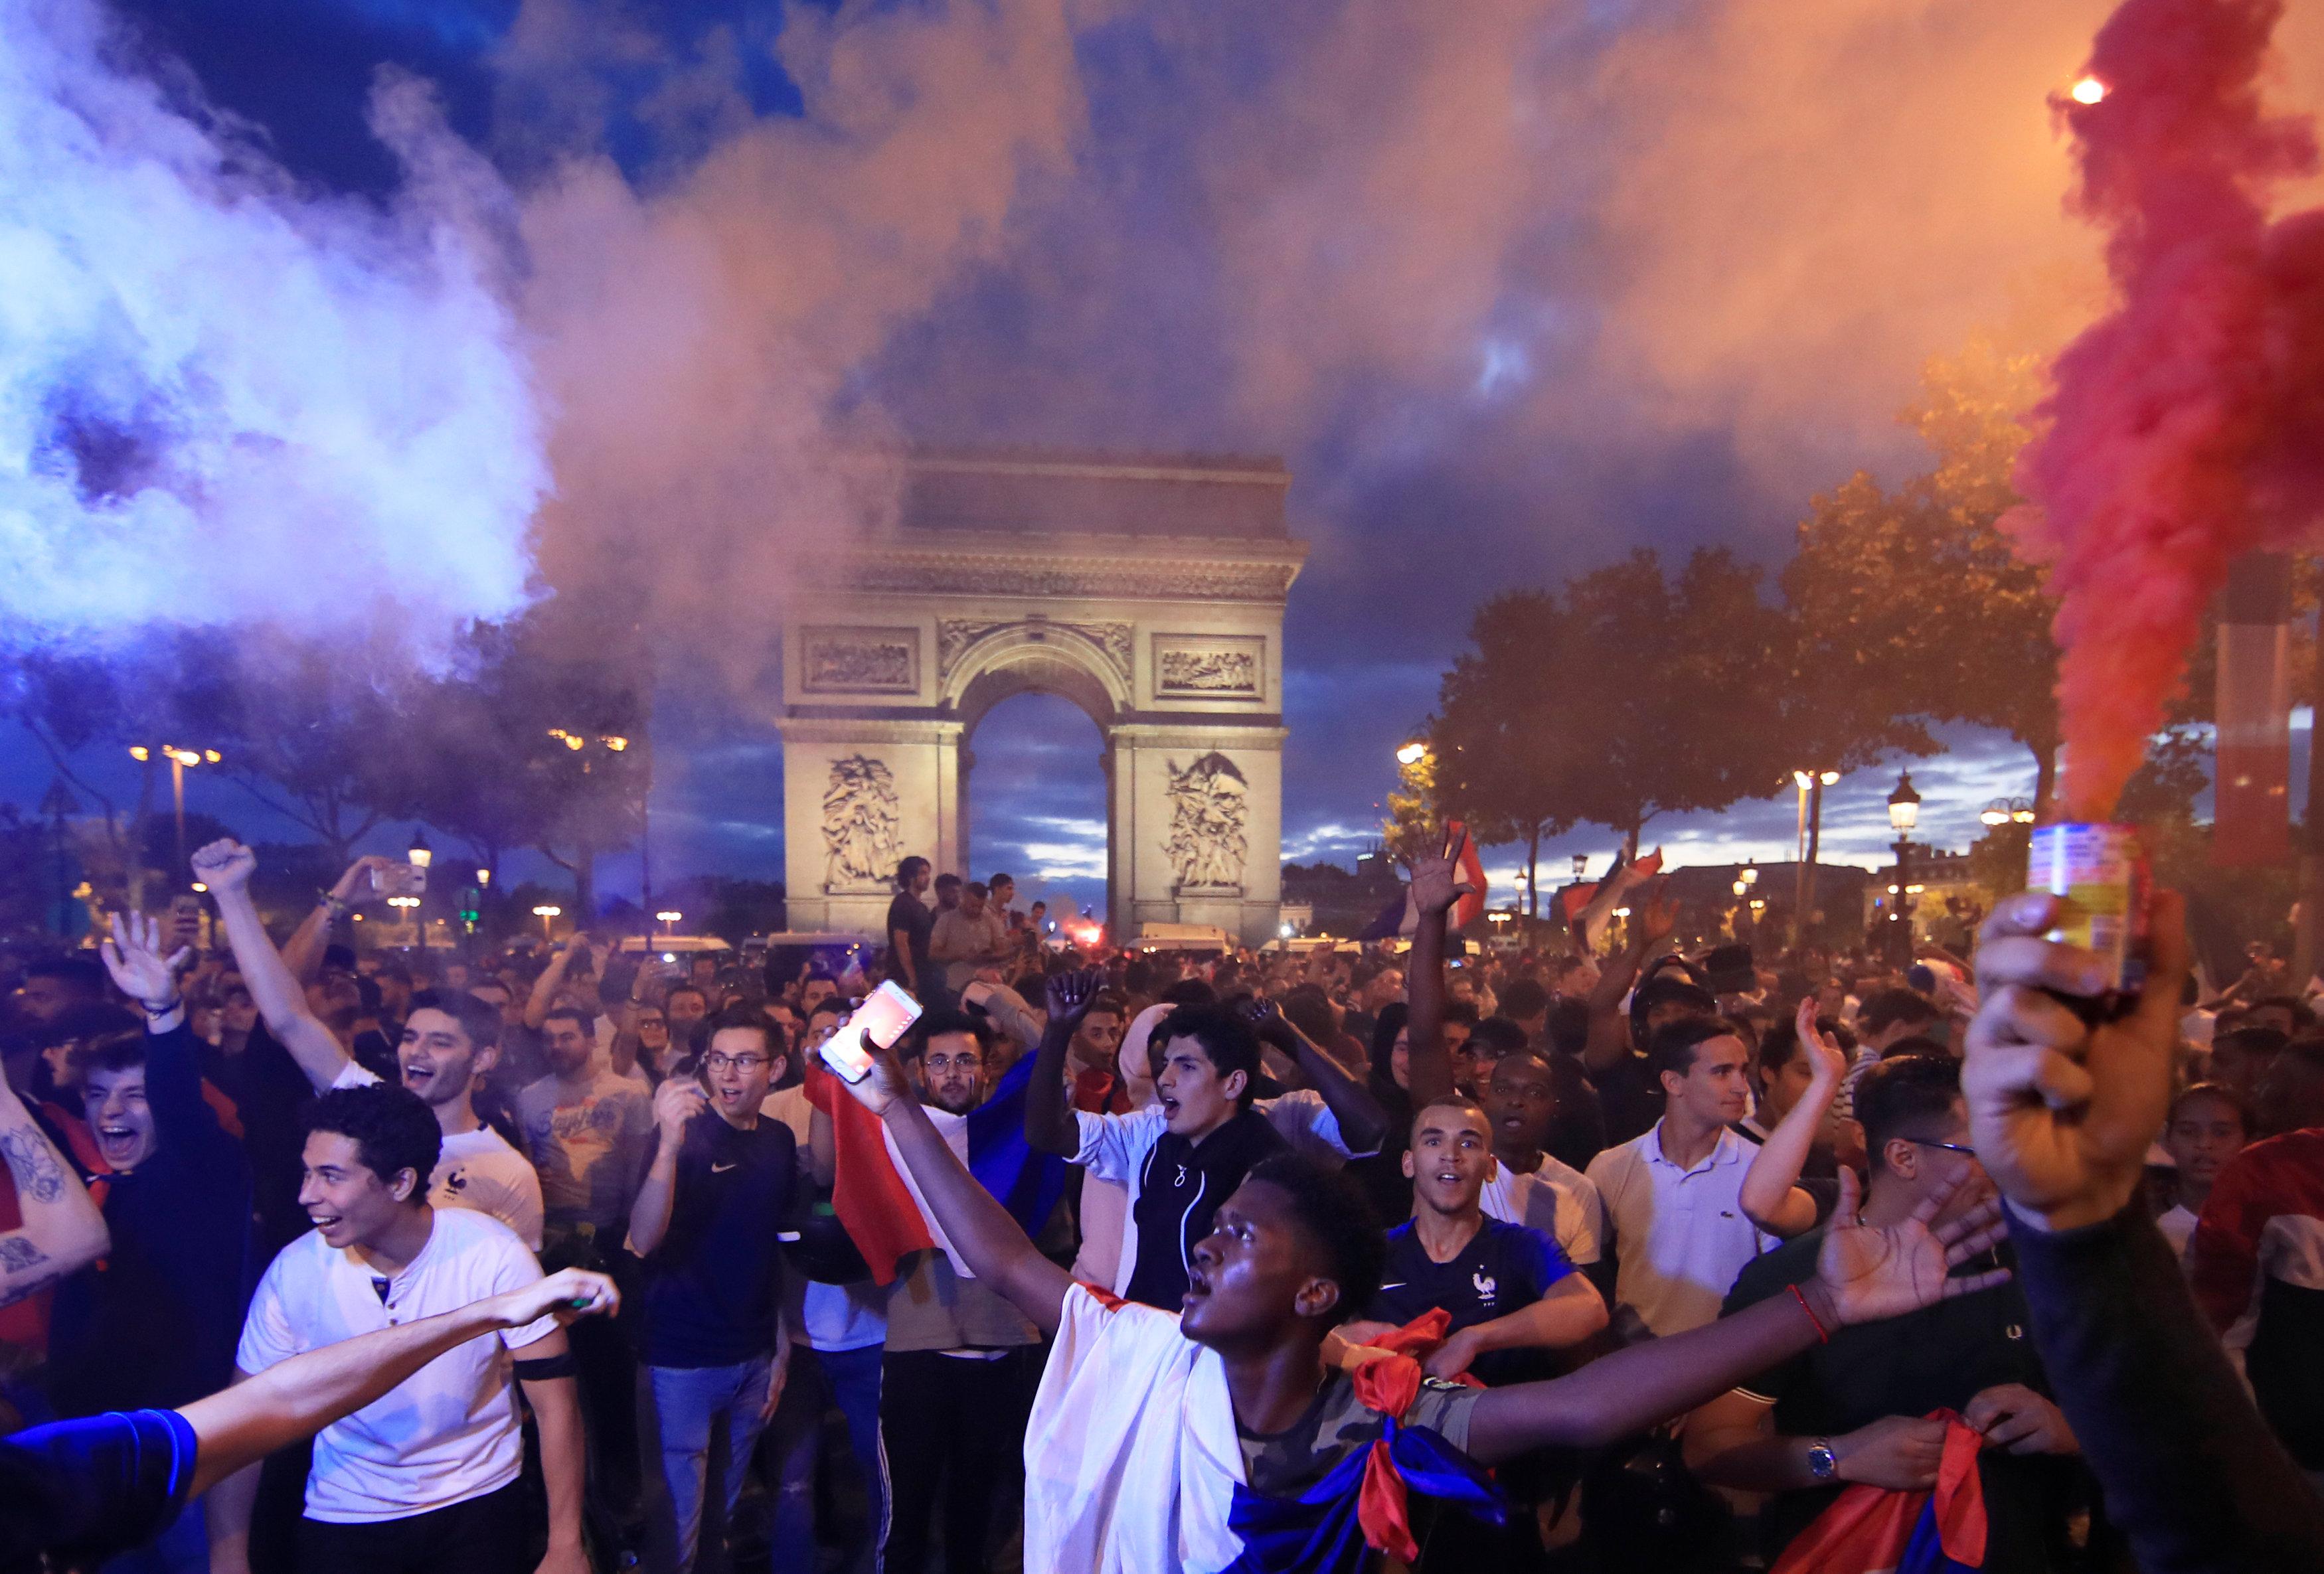 الفرنسيون يحتفلون بالصعود